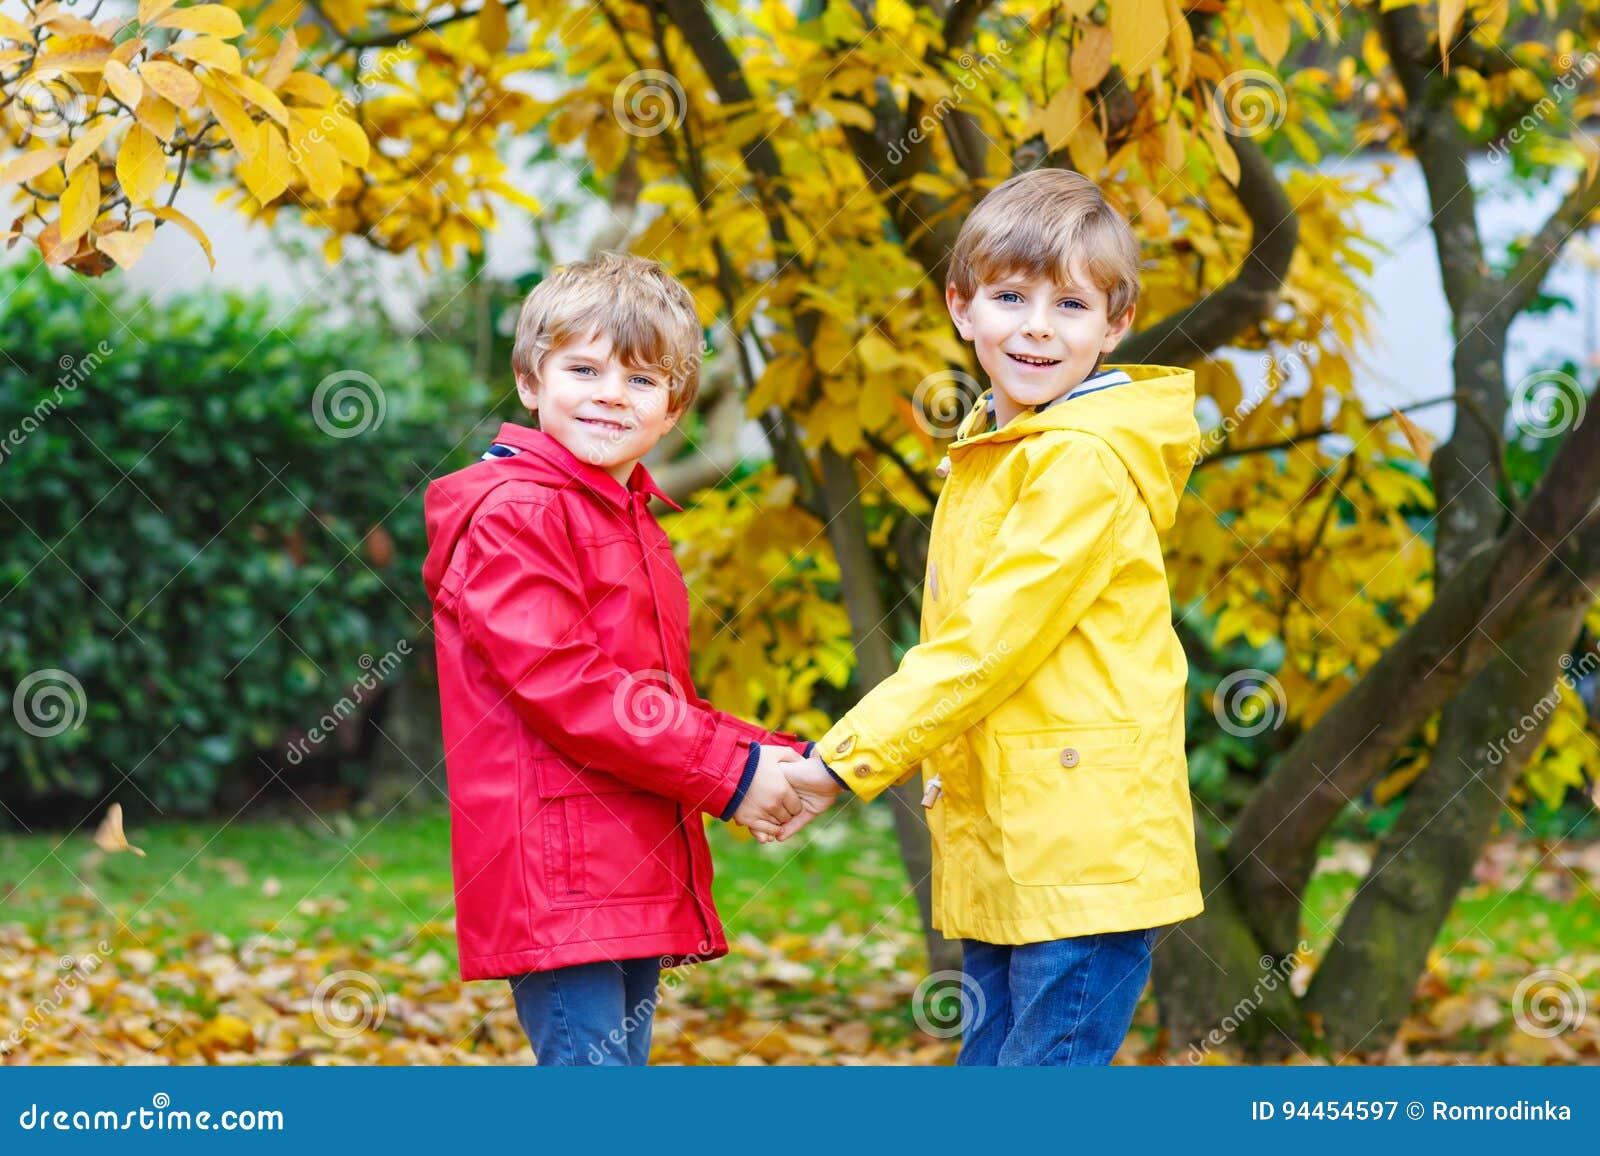 Twee klein beste vrienden en jonge geitjespark van de jongensherfst in kleurrijke kleren